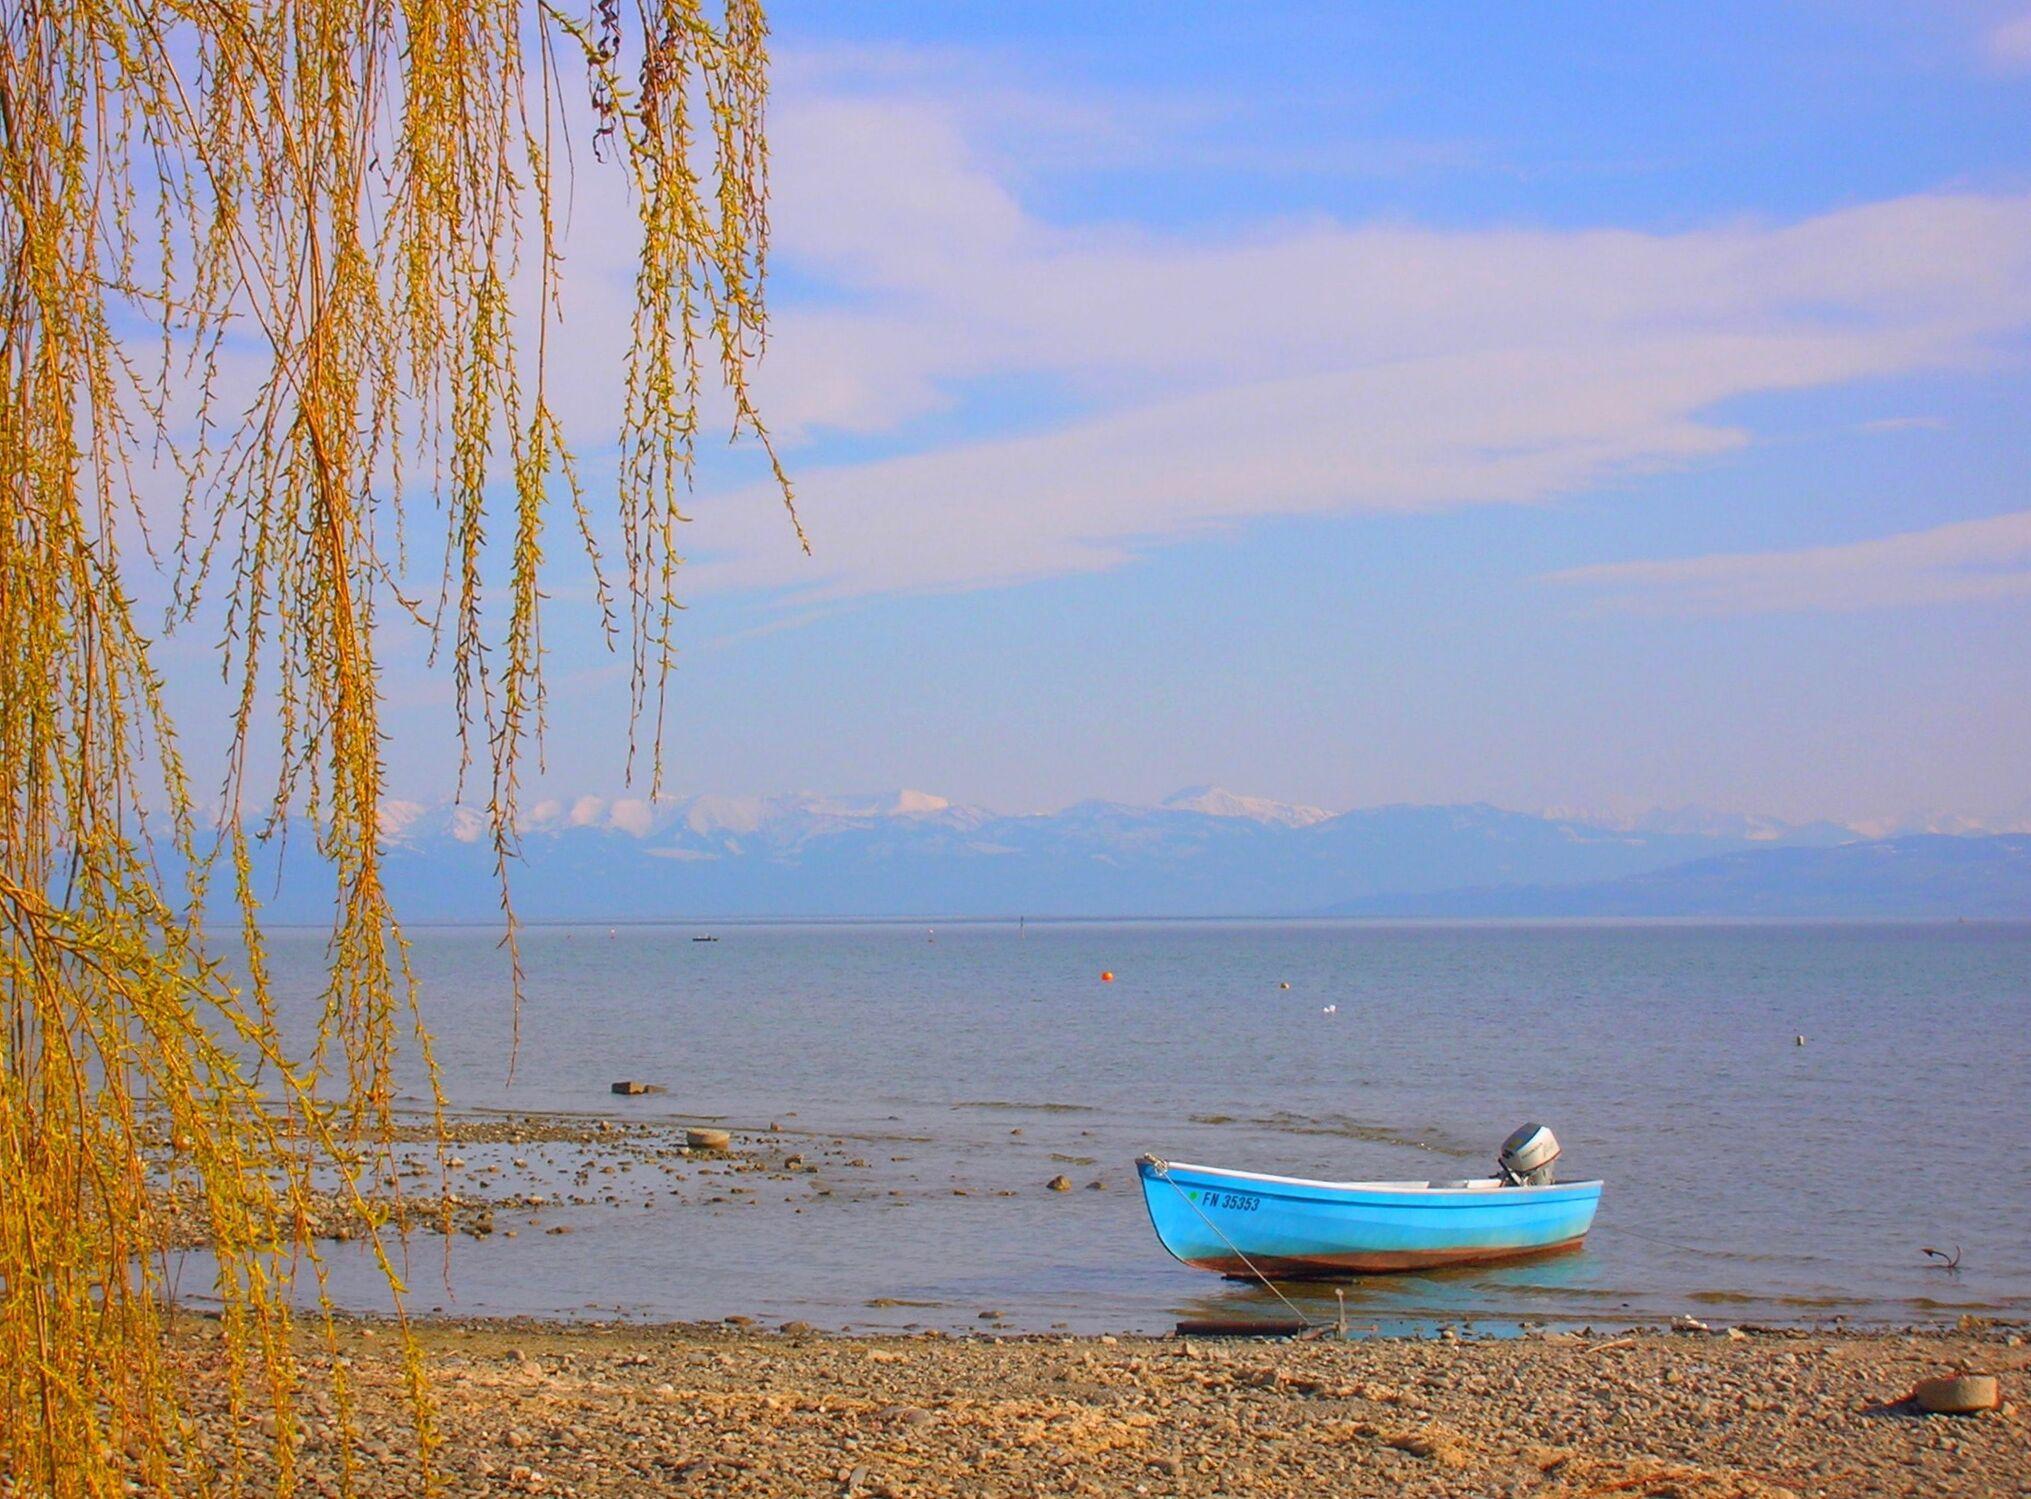 Bild mit Strand, Boote